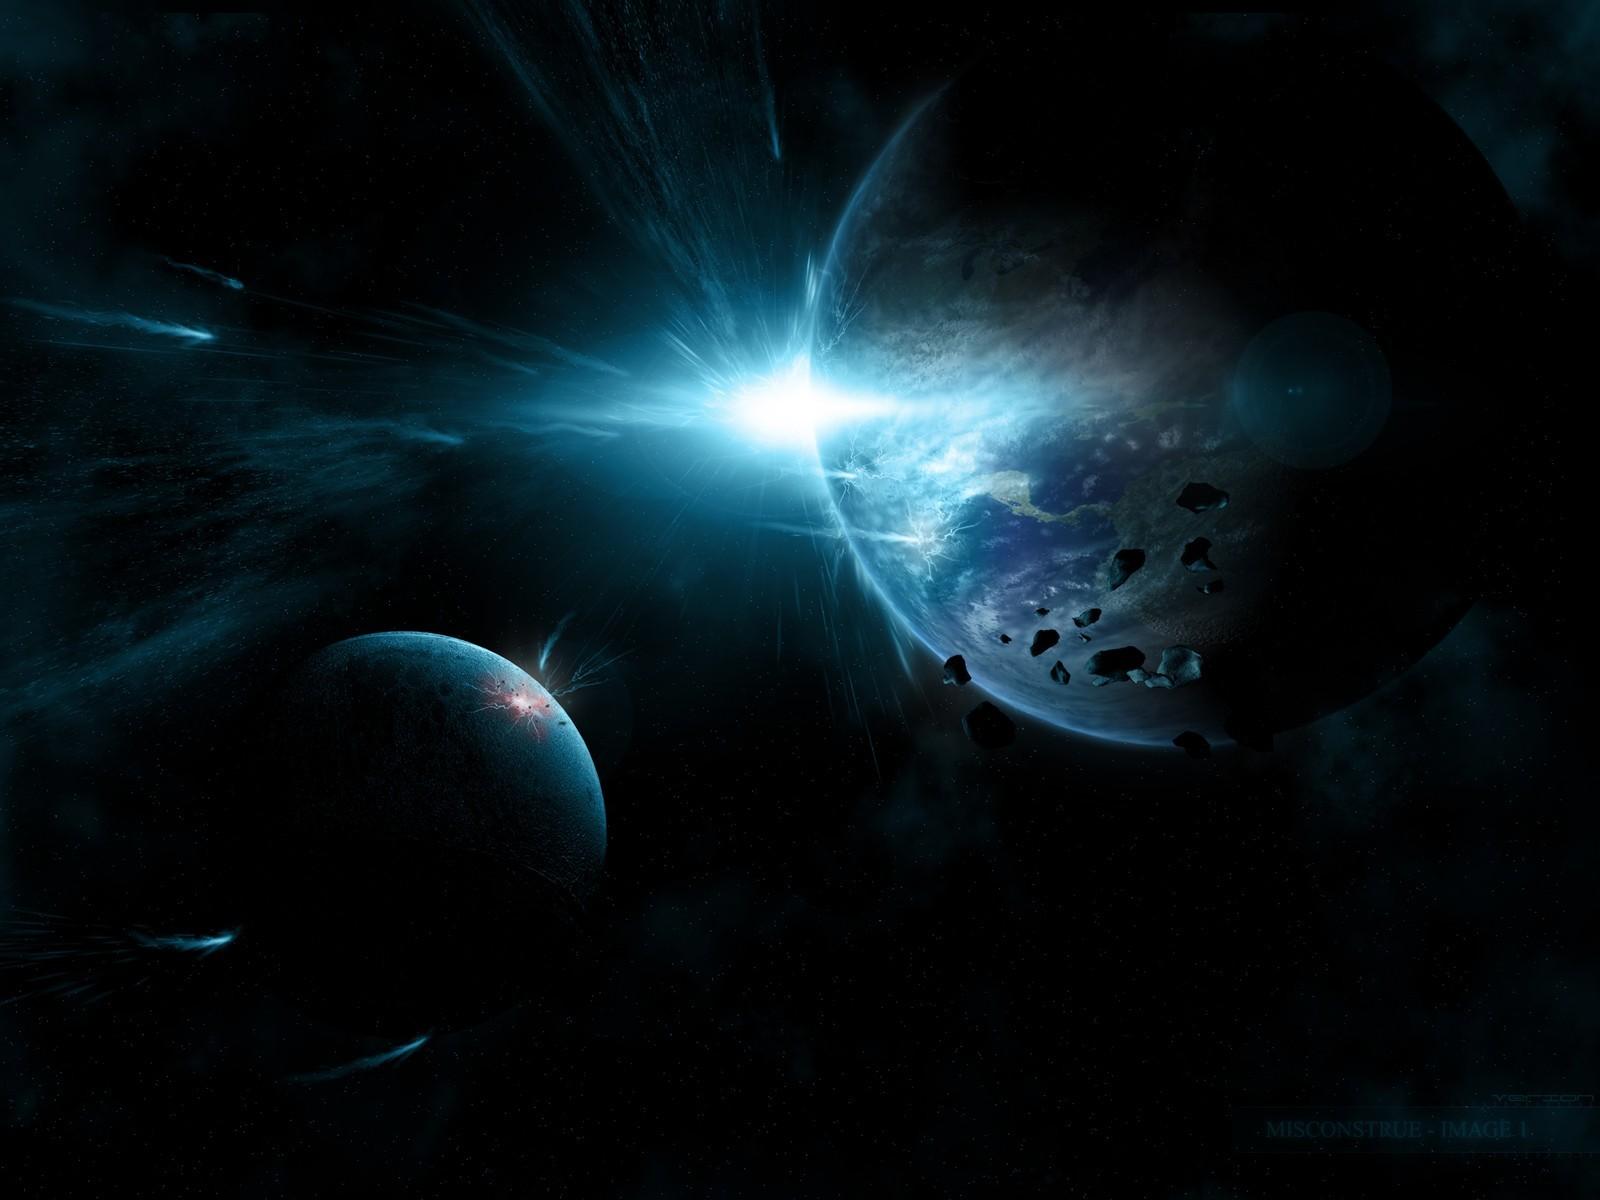 08 04 2011 теги космос луна планеты земля